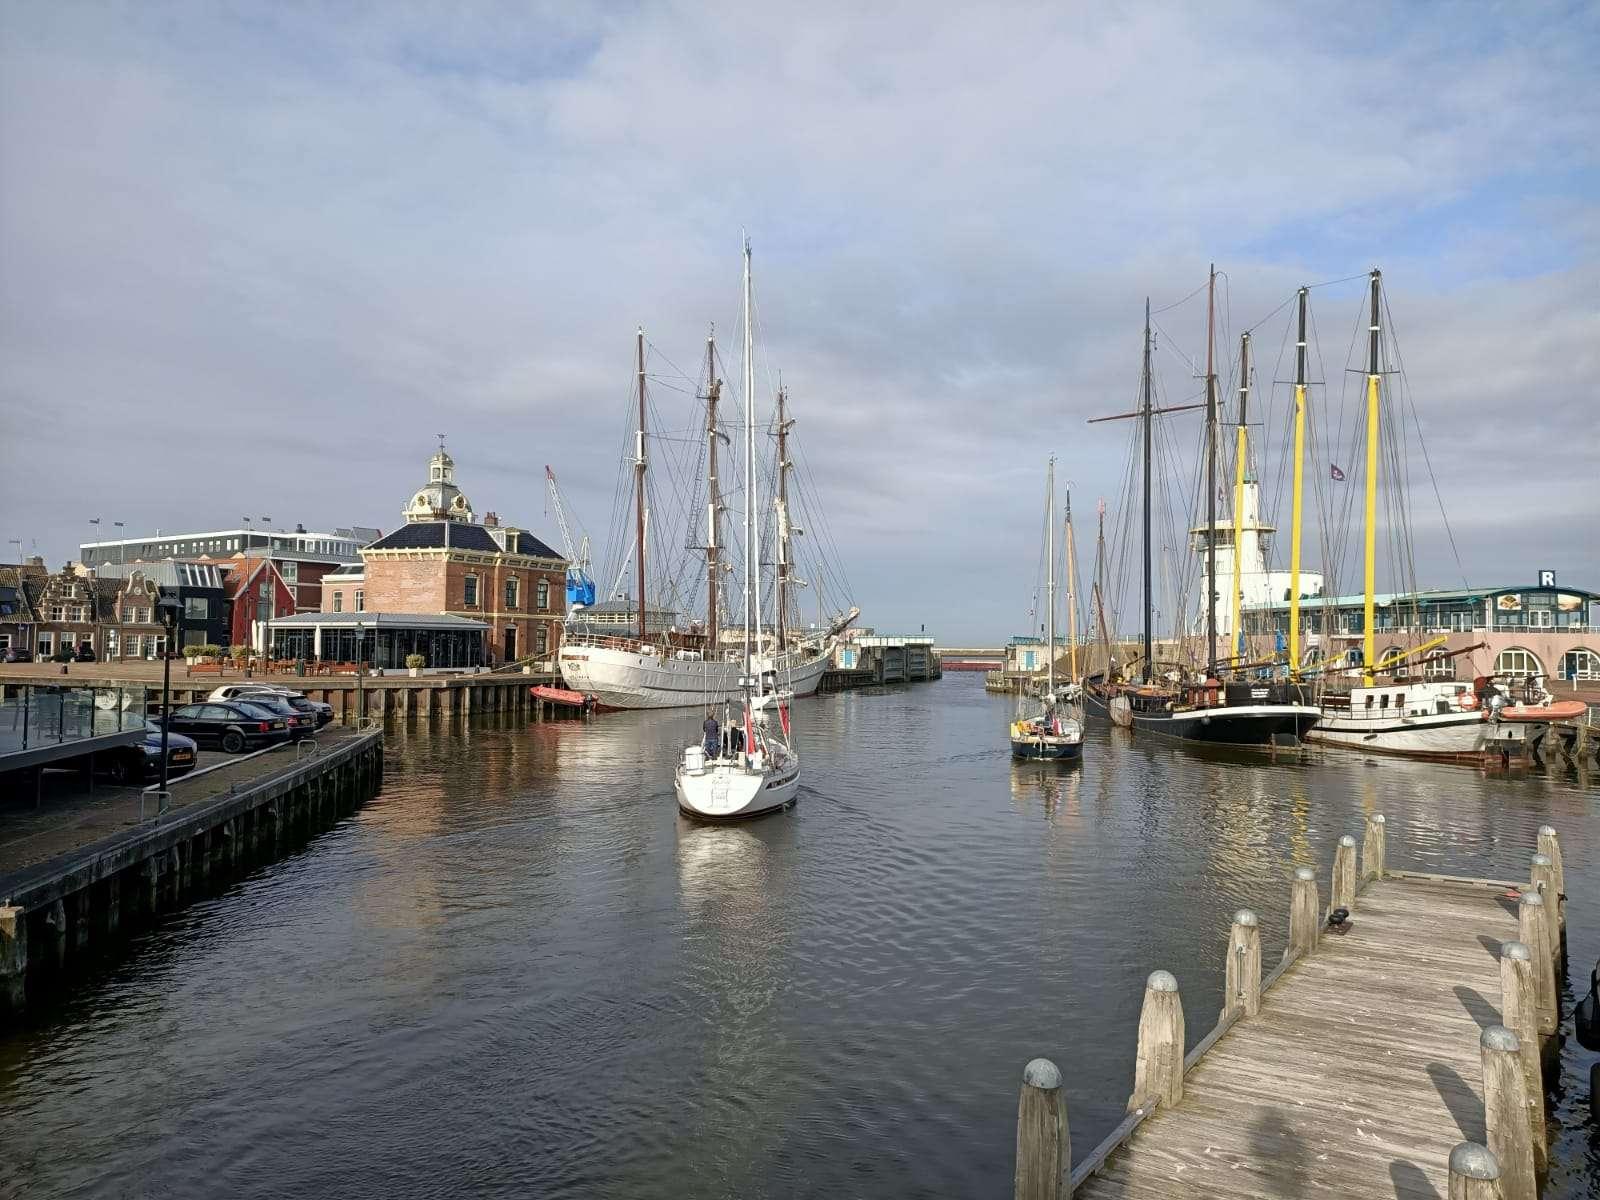 Nederland, Harlingen, schepen